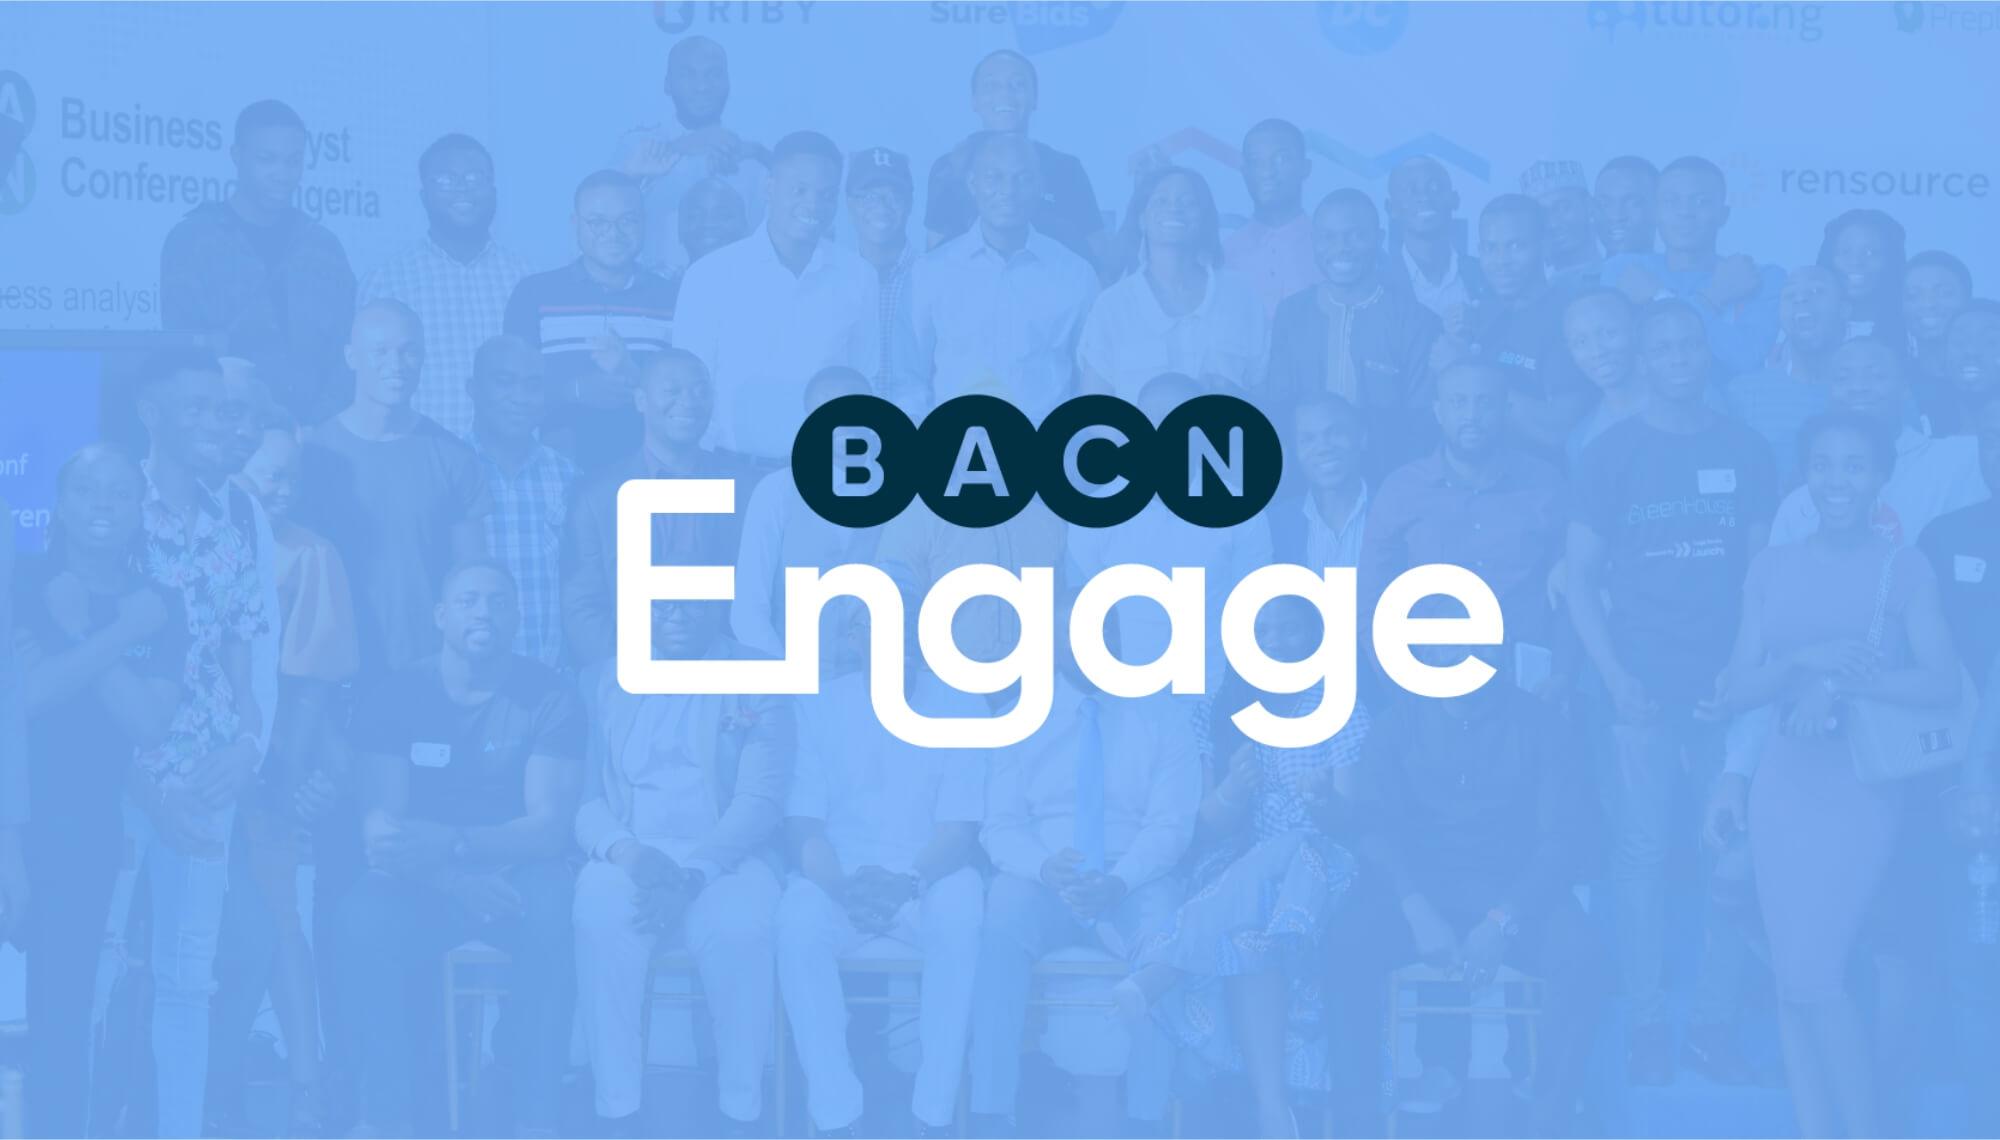 BACN Engage